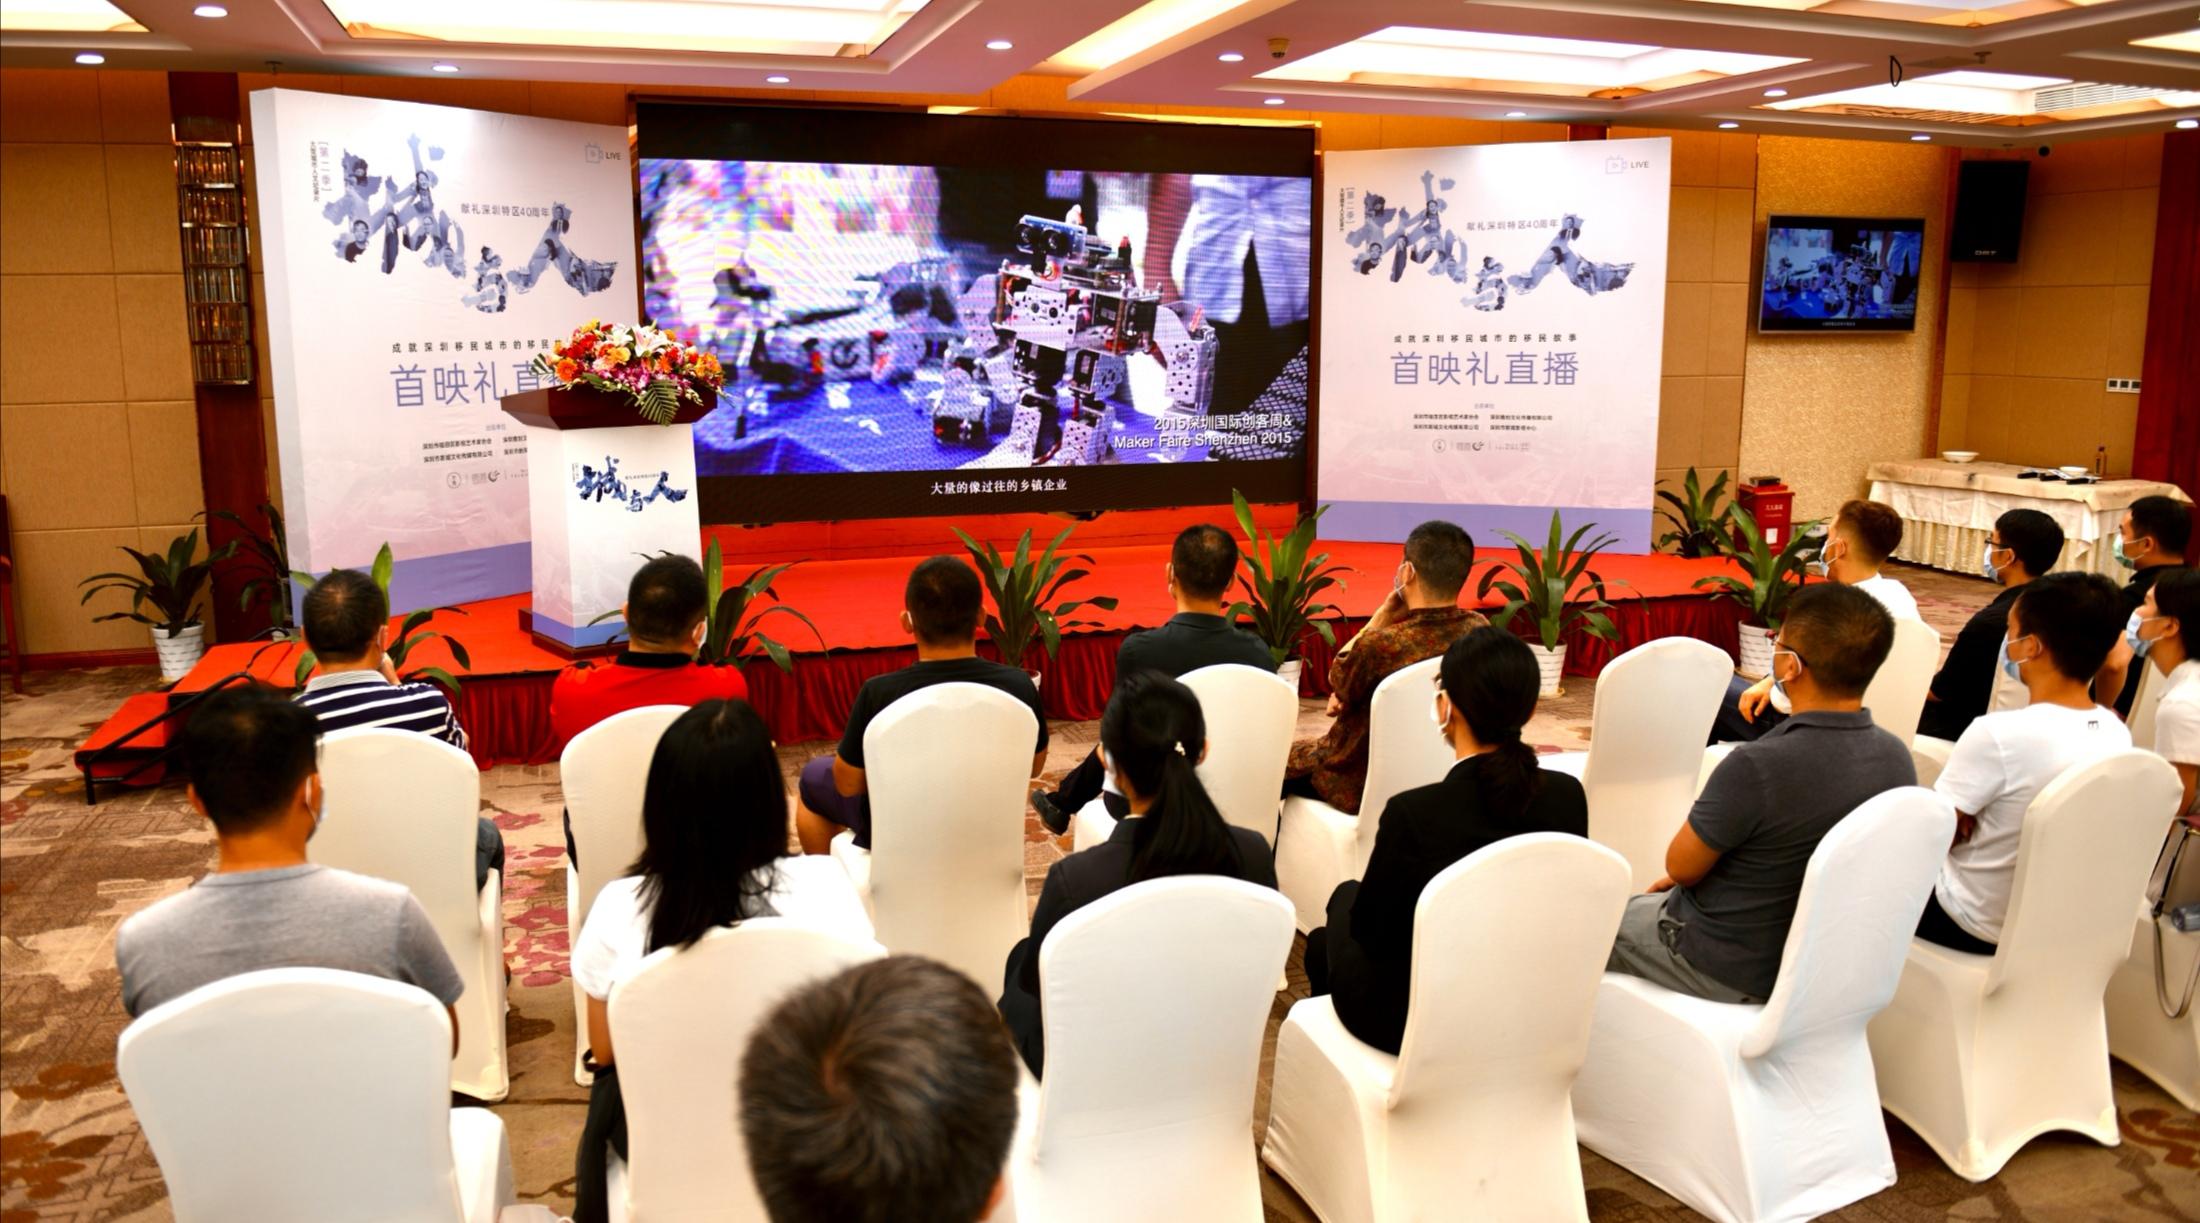 用影像解读深圳梦 人文纪录片《城与人》第二季上线